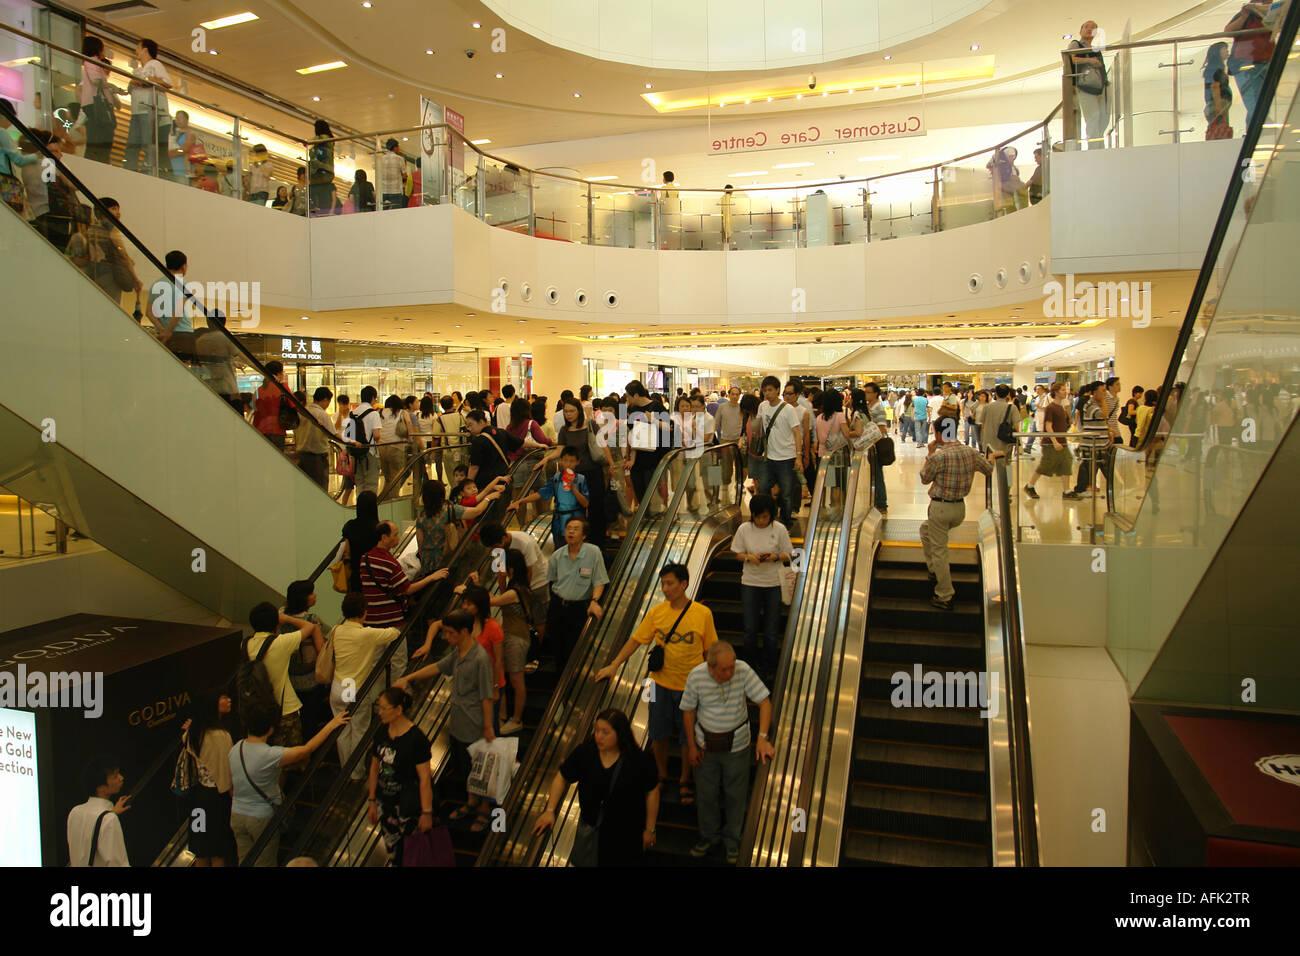 New Town Plaza shopping arcade in Shatin Hong Kong China - Stock Image